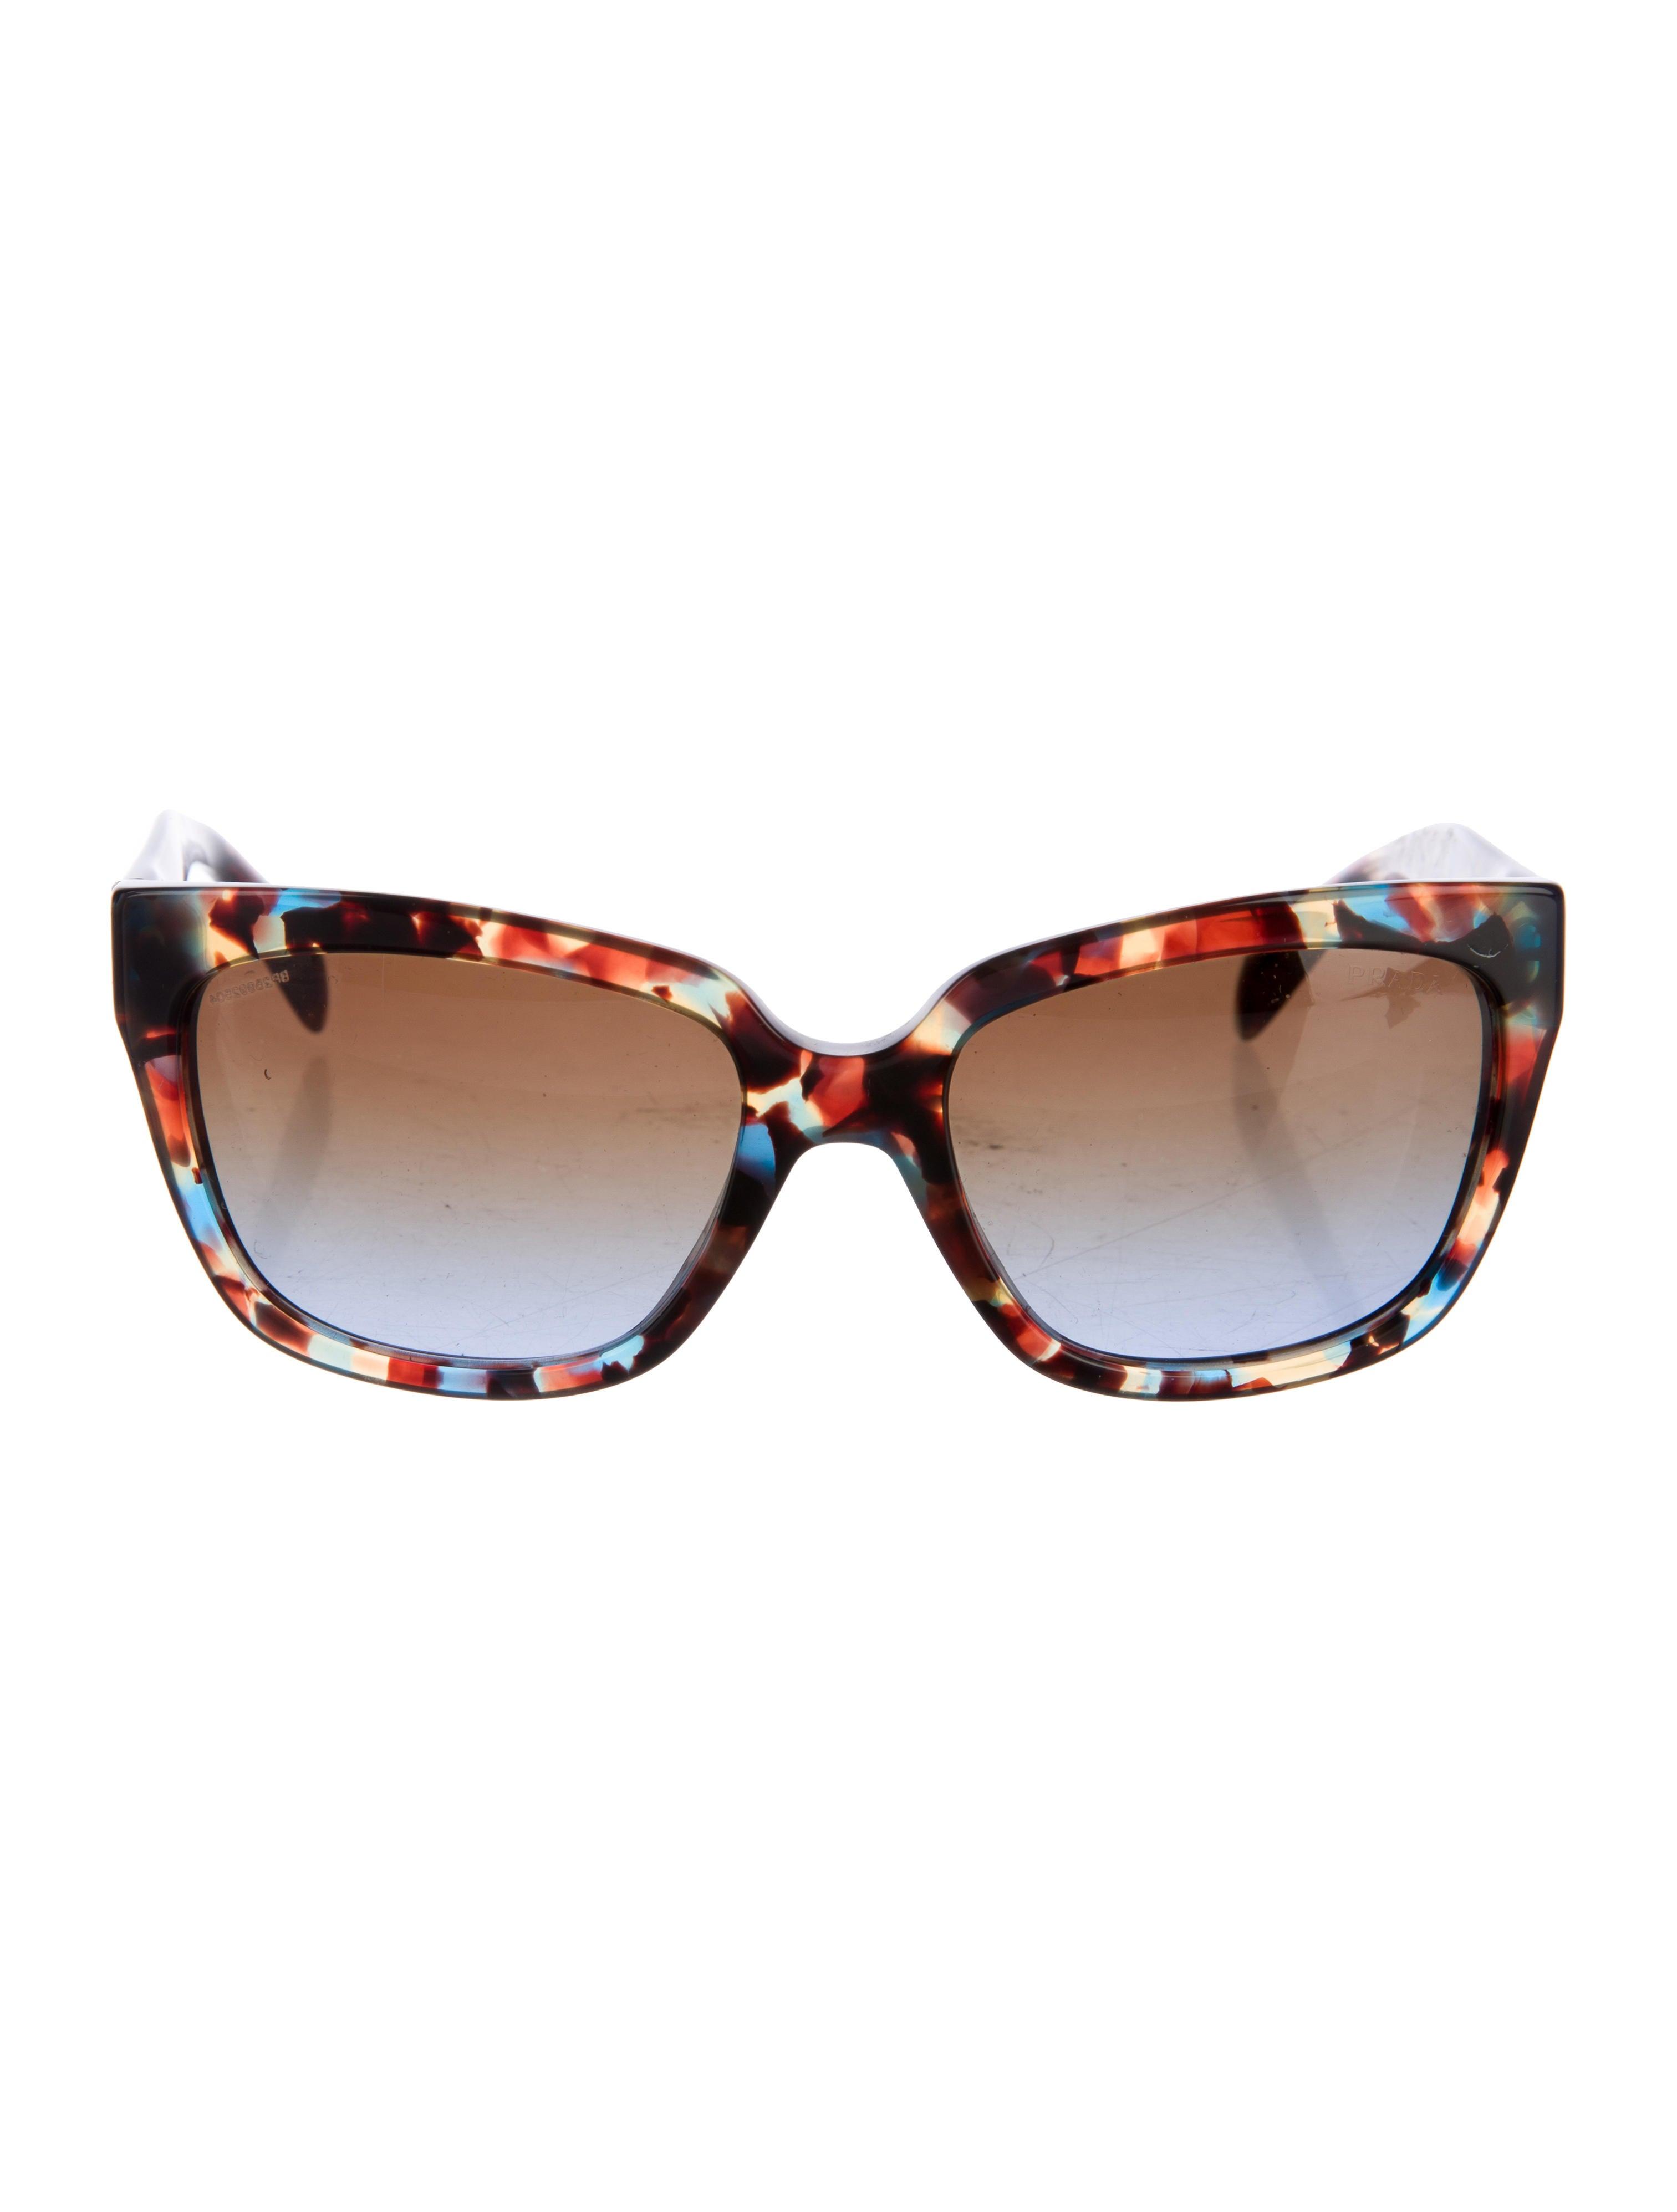 3aa4a45aa1a Prada Sunglasses Cases